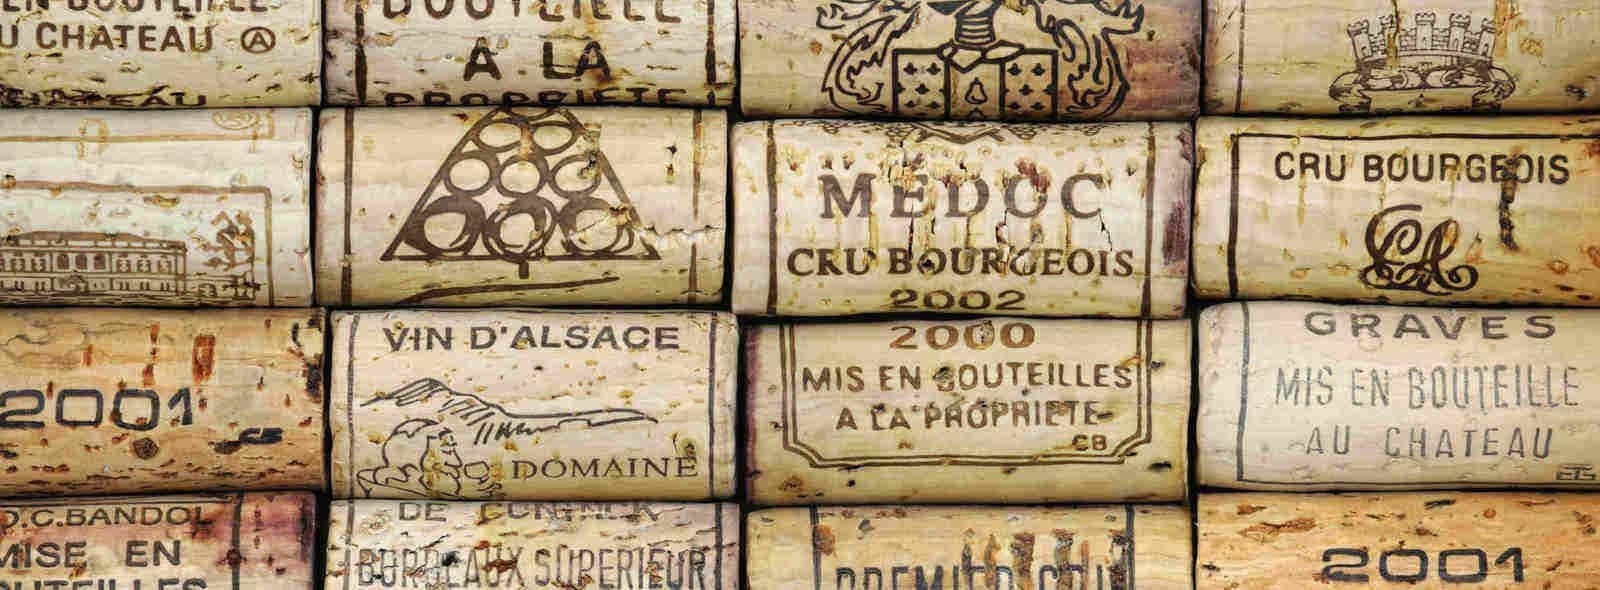 Quali sono i migliori vini francesi